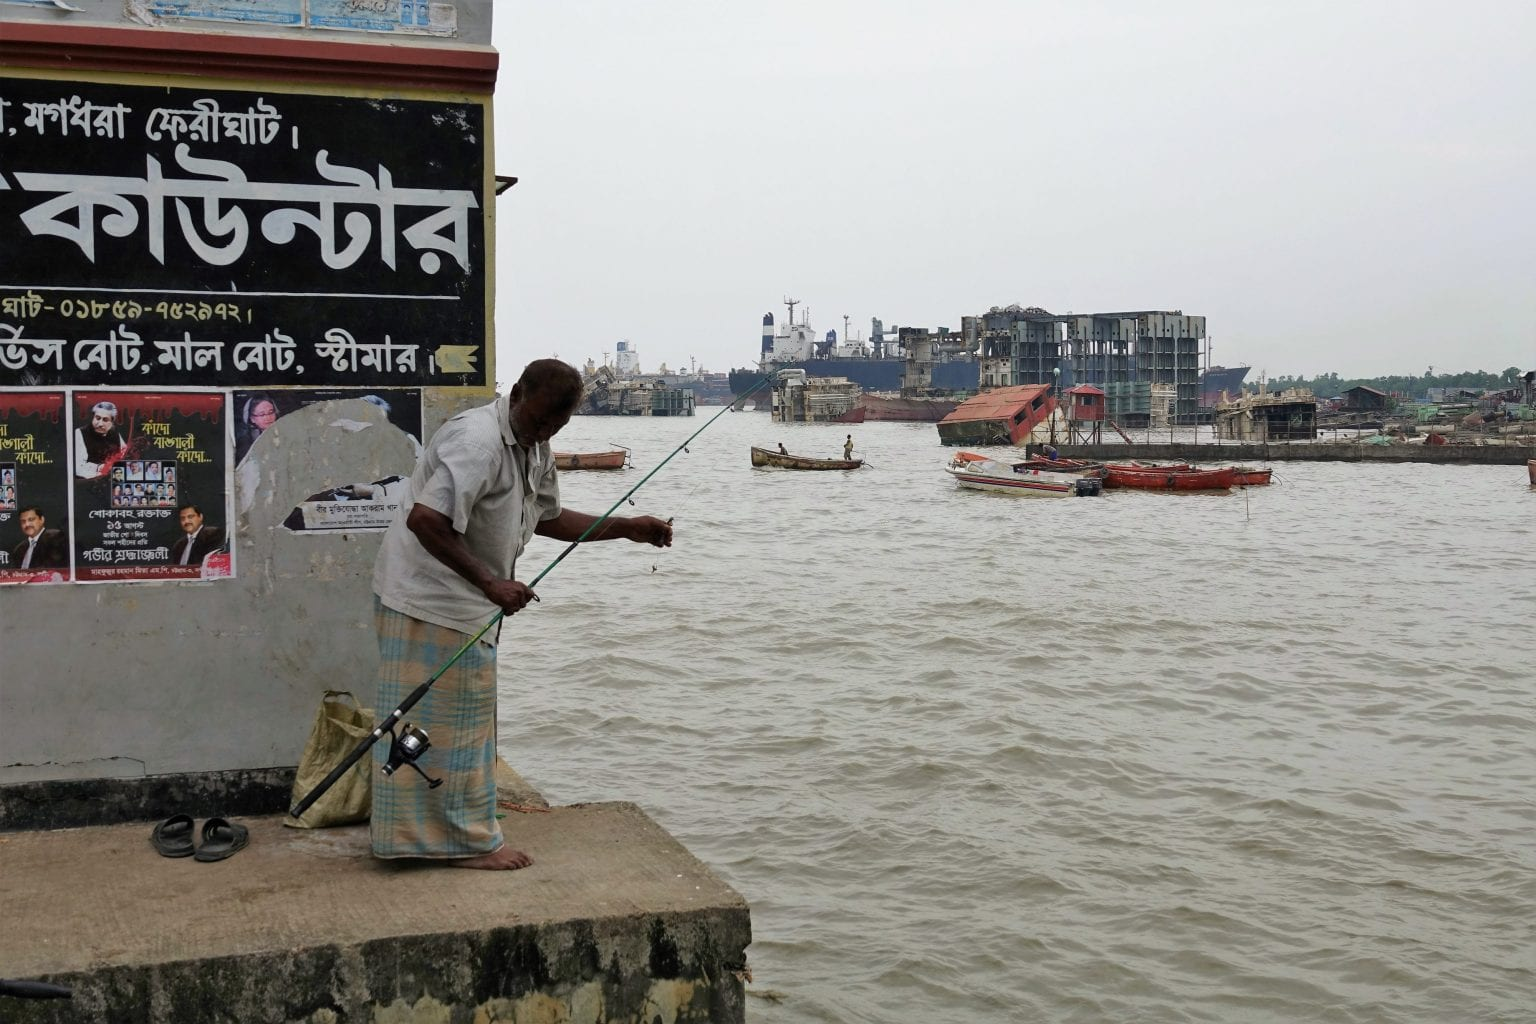 En mand fisker ved havnen i Chittagong. I baggrunden ses de store vragdele fra skibsophugningen. Foto: S. Rahman/Danwatch